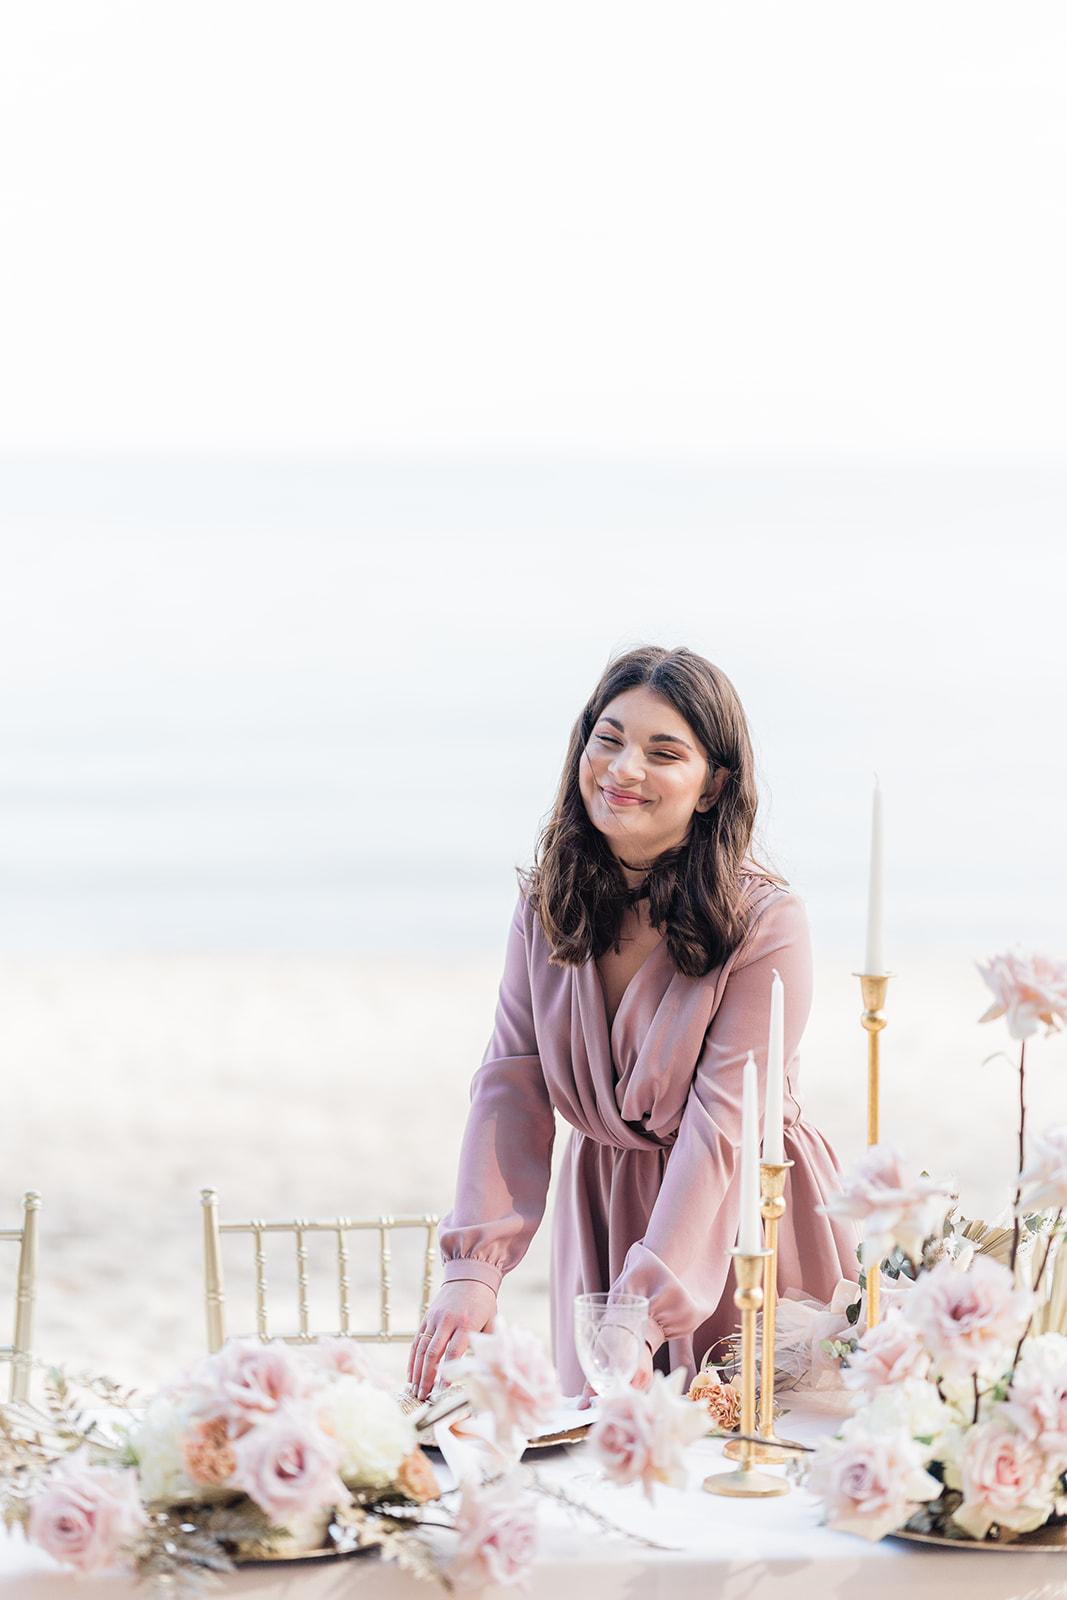 Sesja stylizowana Pastelowe Pola | Portfolio Weddings by Caroline - agencja ślubna